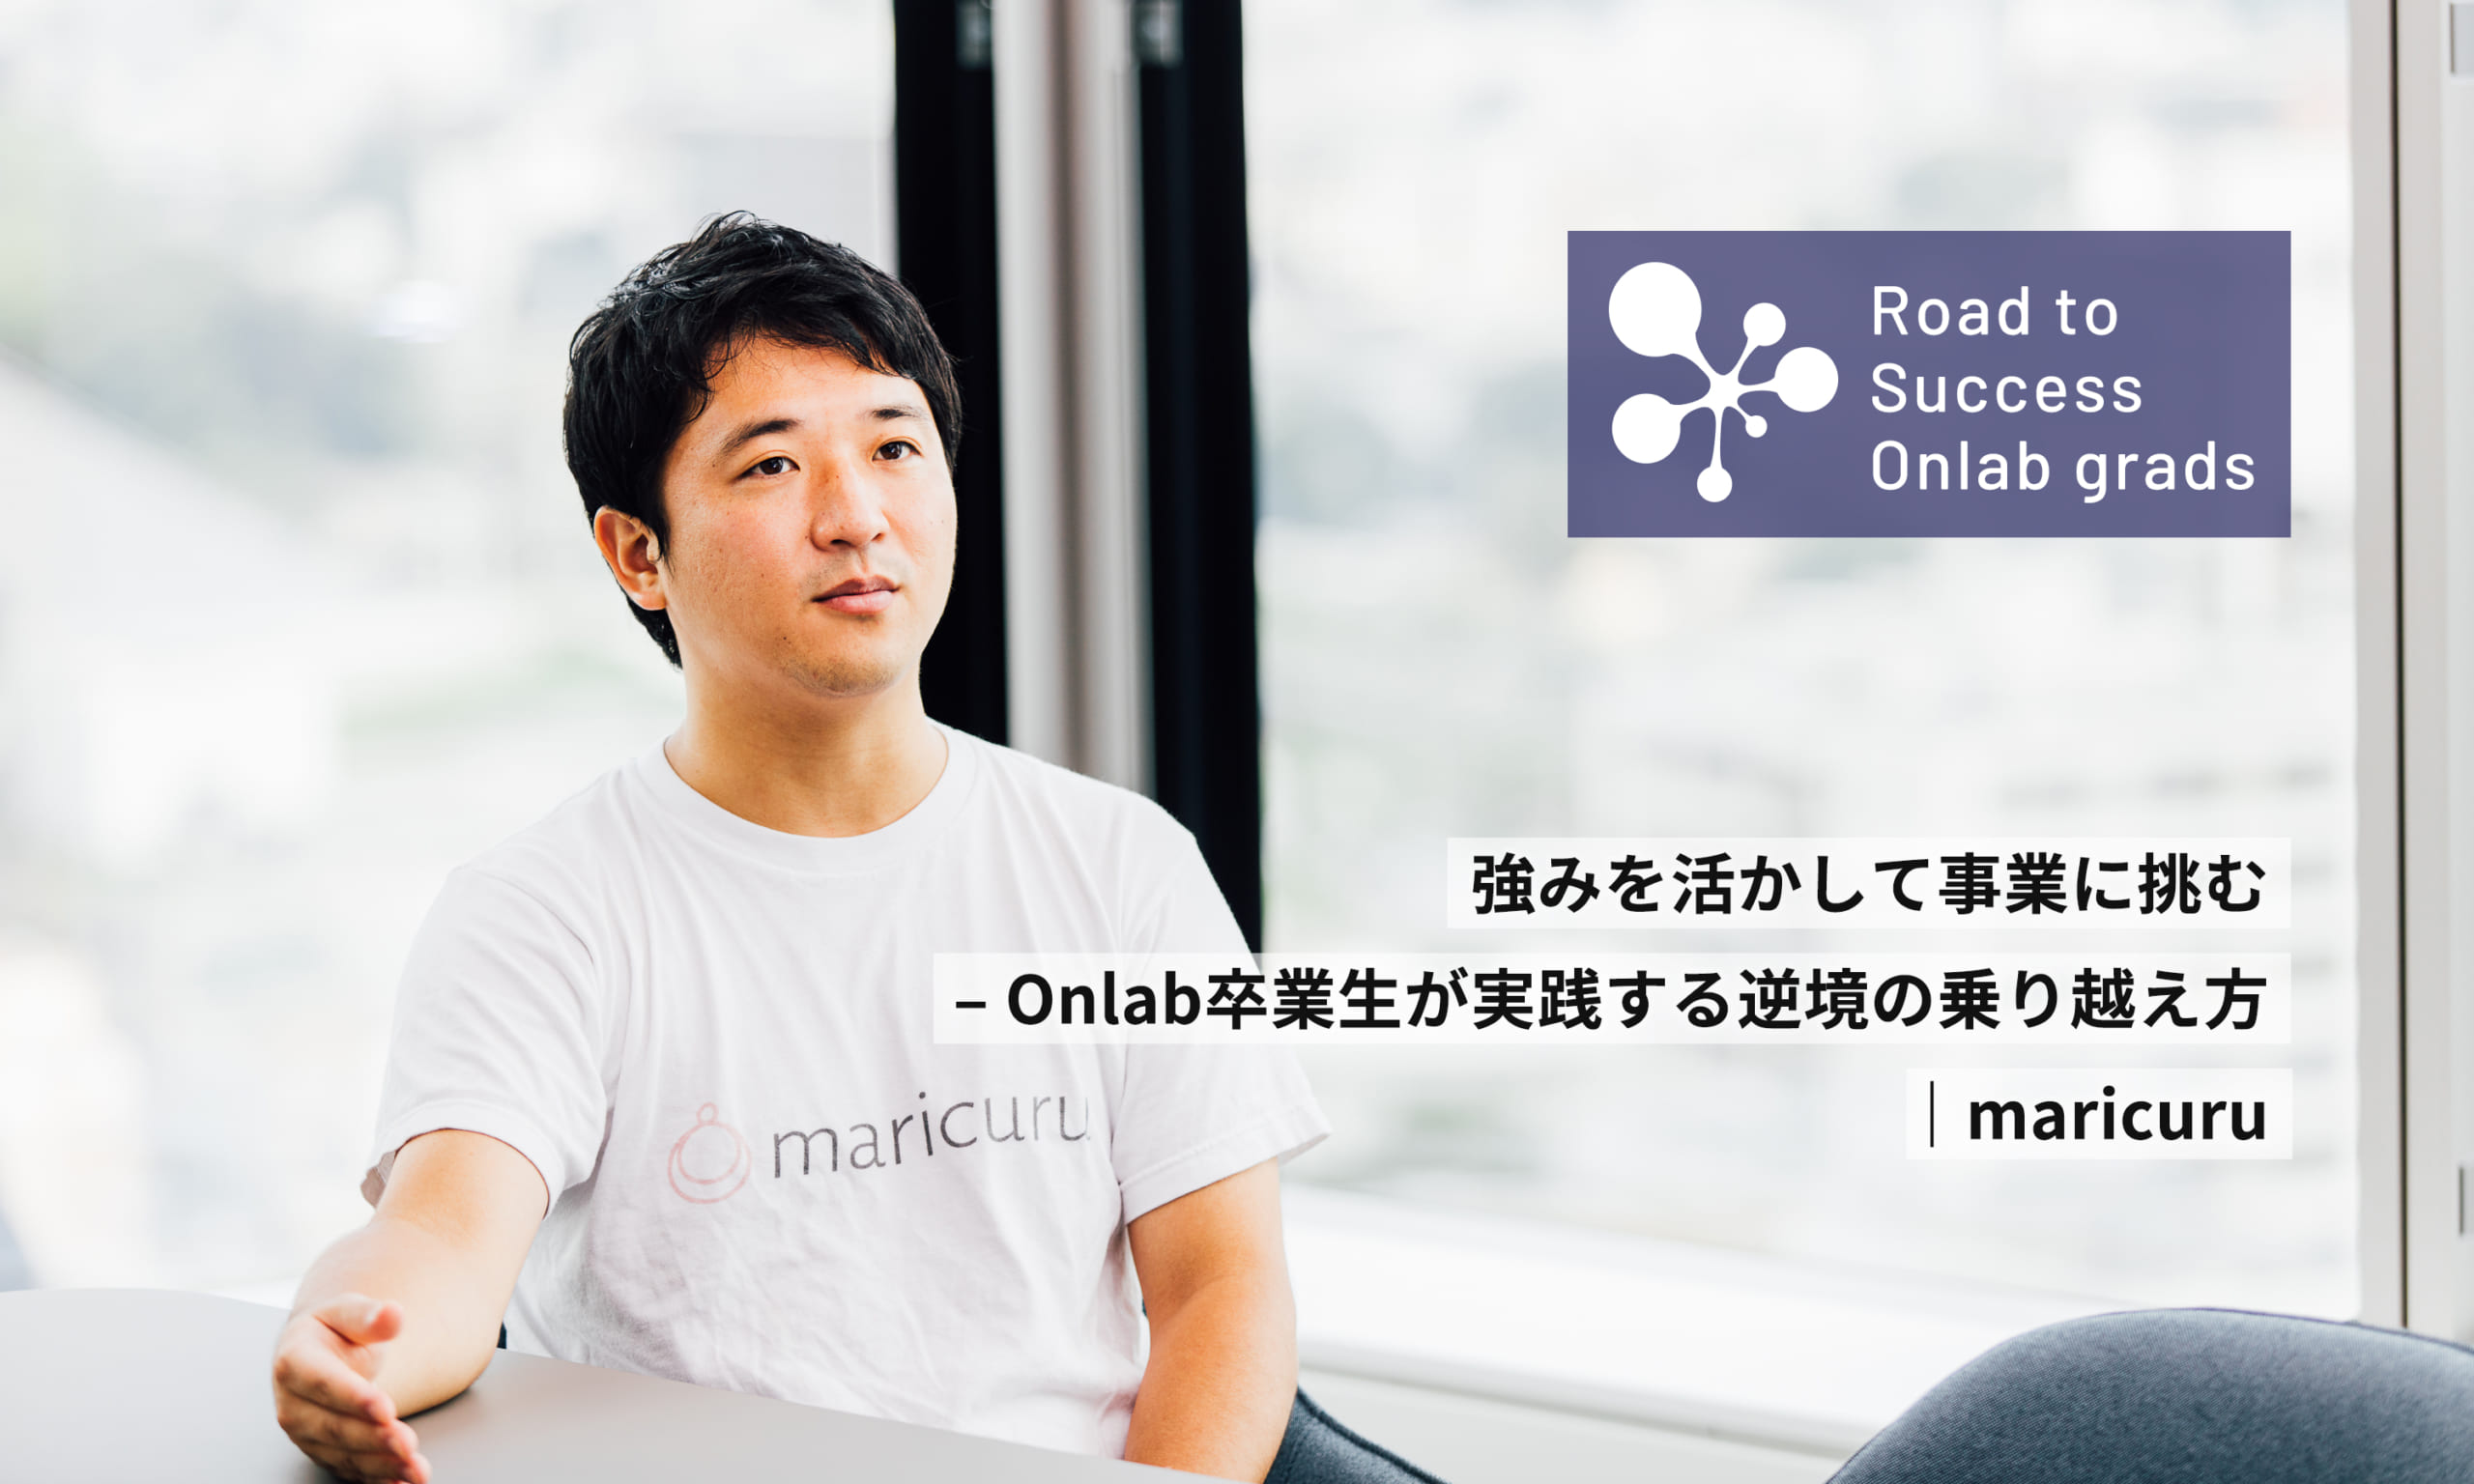 強みを活かして事業に挑む – Onlab卒業生が実践する逆境の乗り越え方 |maricuru|Road to Success Onlab grads vol.7